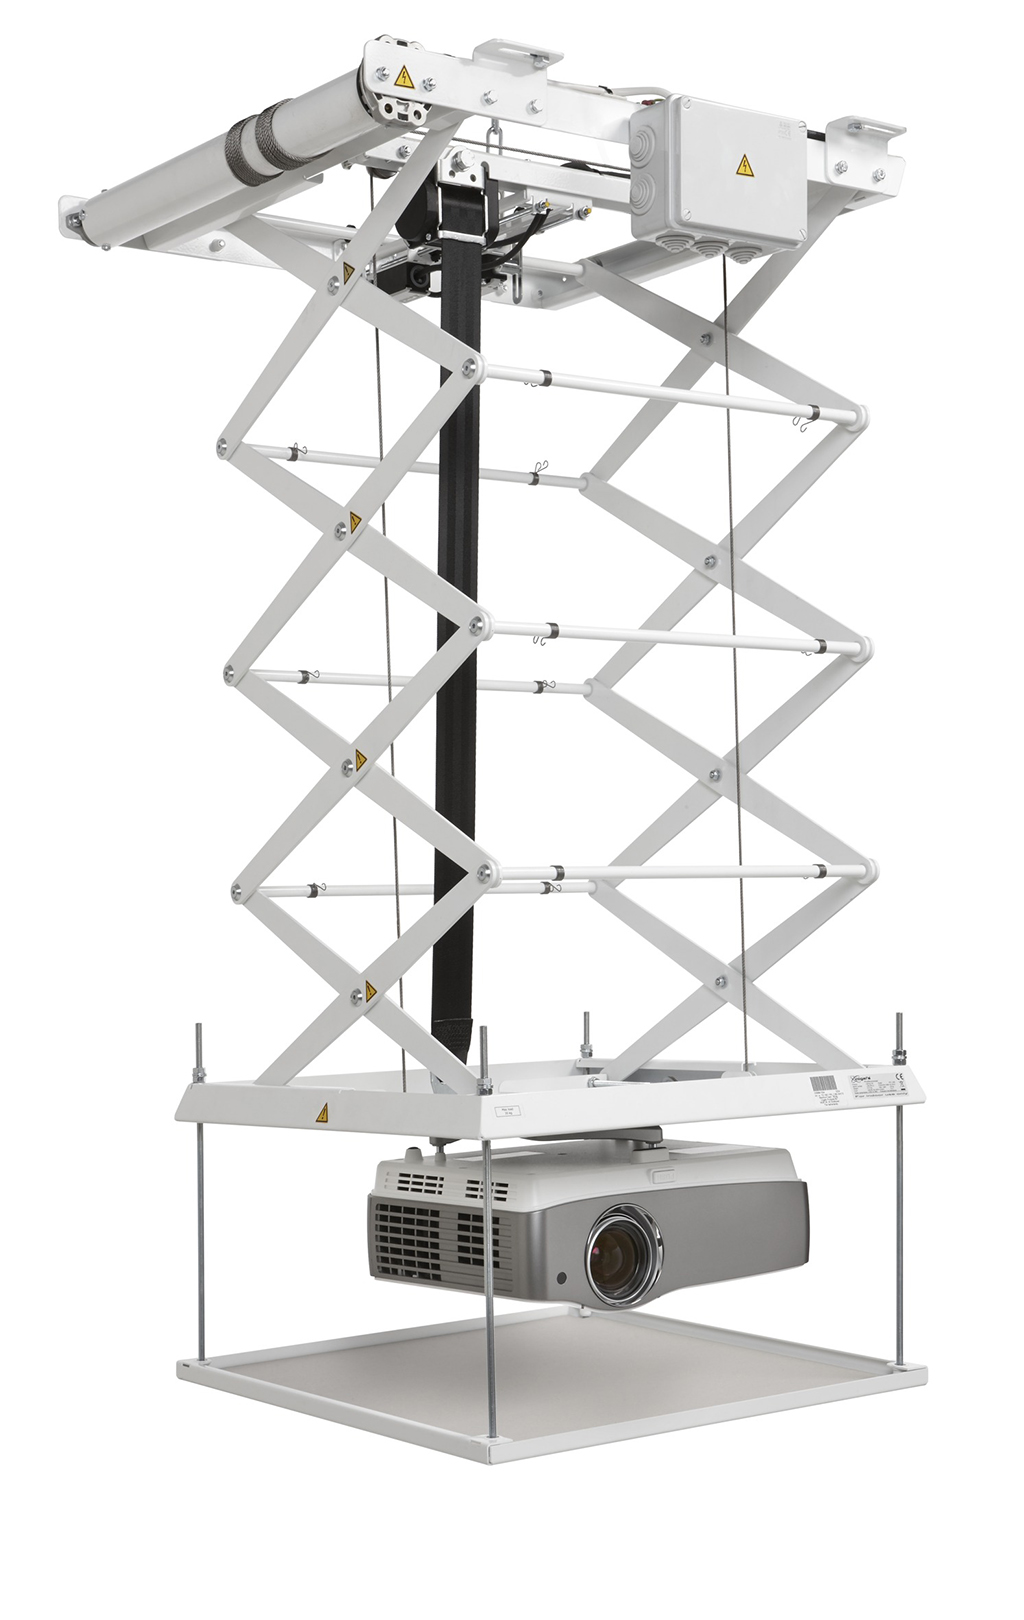 Soportes de techo vogels ppl para proyectores en salas de conferencia y auditorios - Soporte para proyectores techo ...